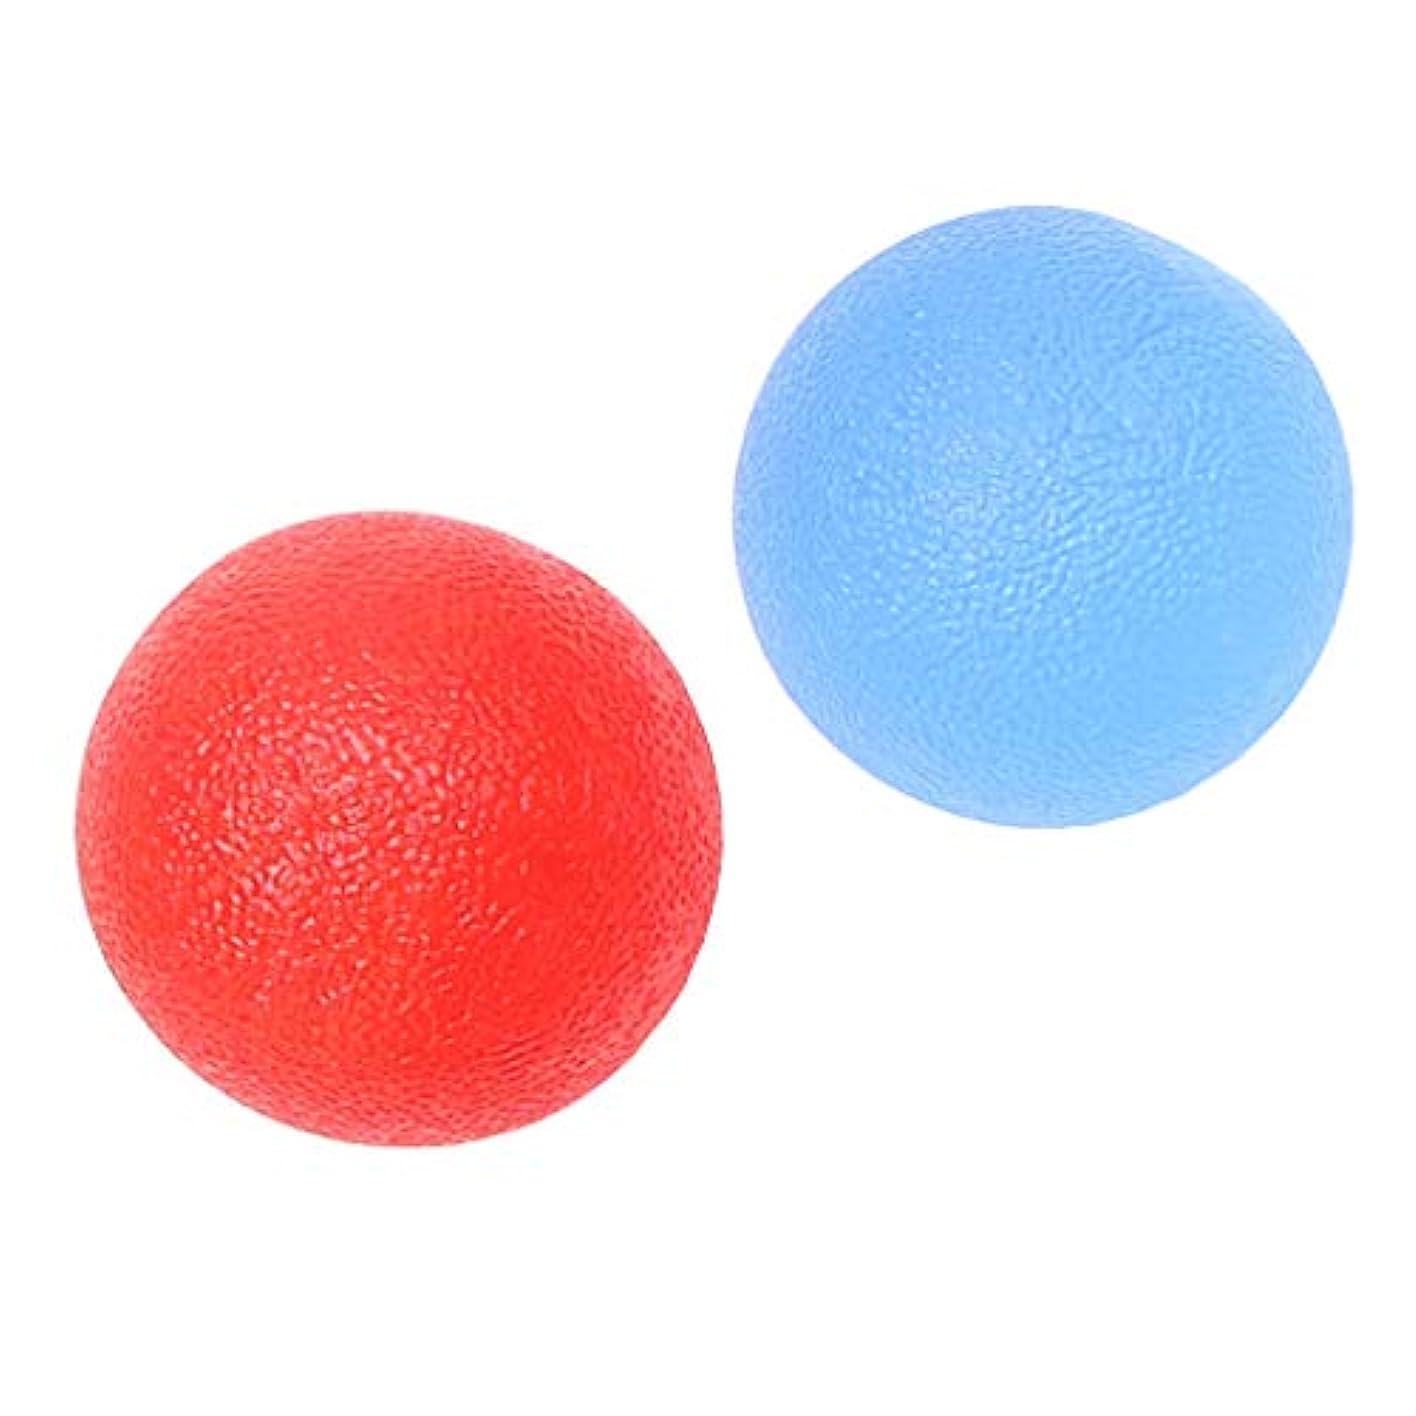 接続詞急いで葉FLAMEER 2個 ハンドエクササイズボール ハンドグリップ シリコン 指トレーニング ストレス緩和 柔軟 赤/青